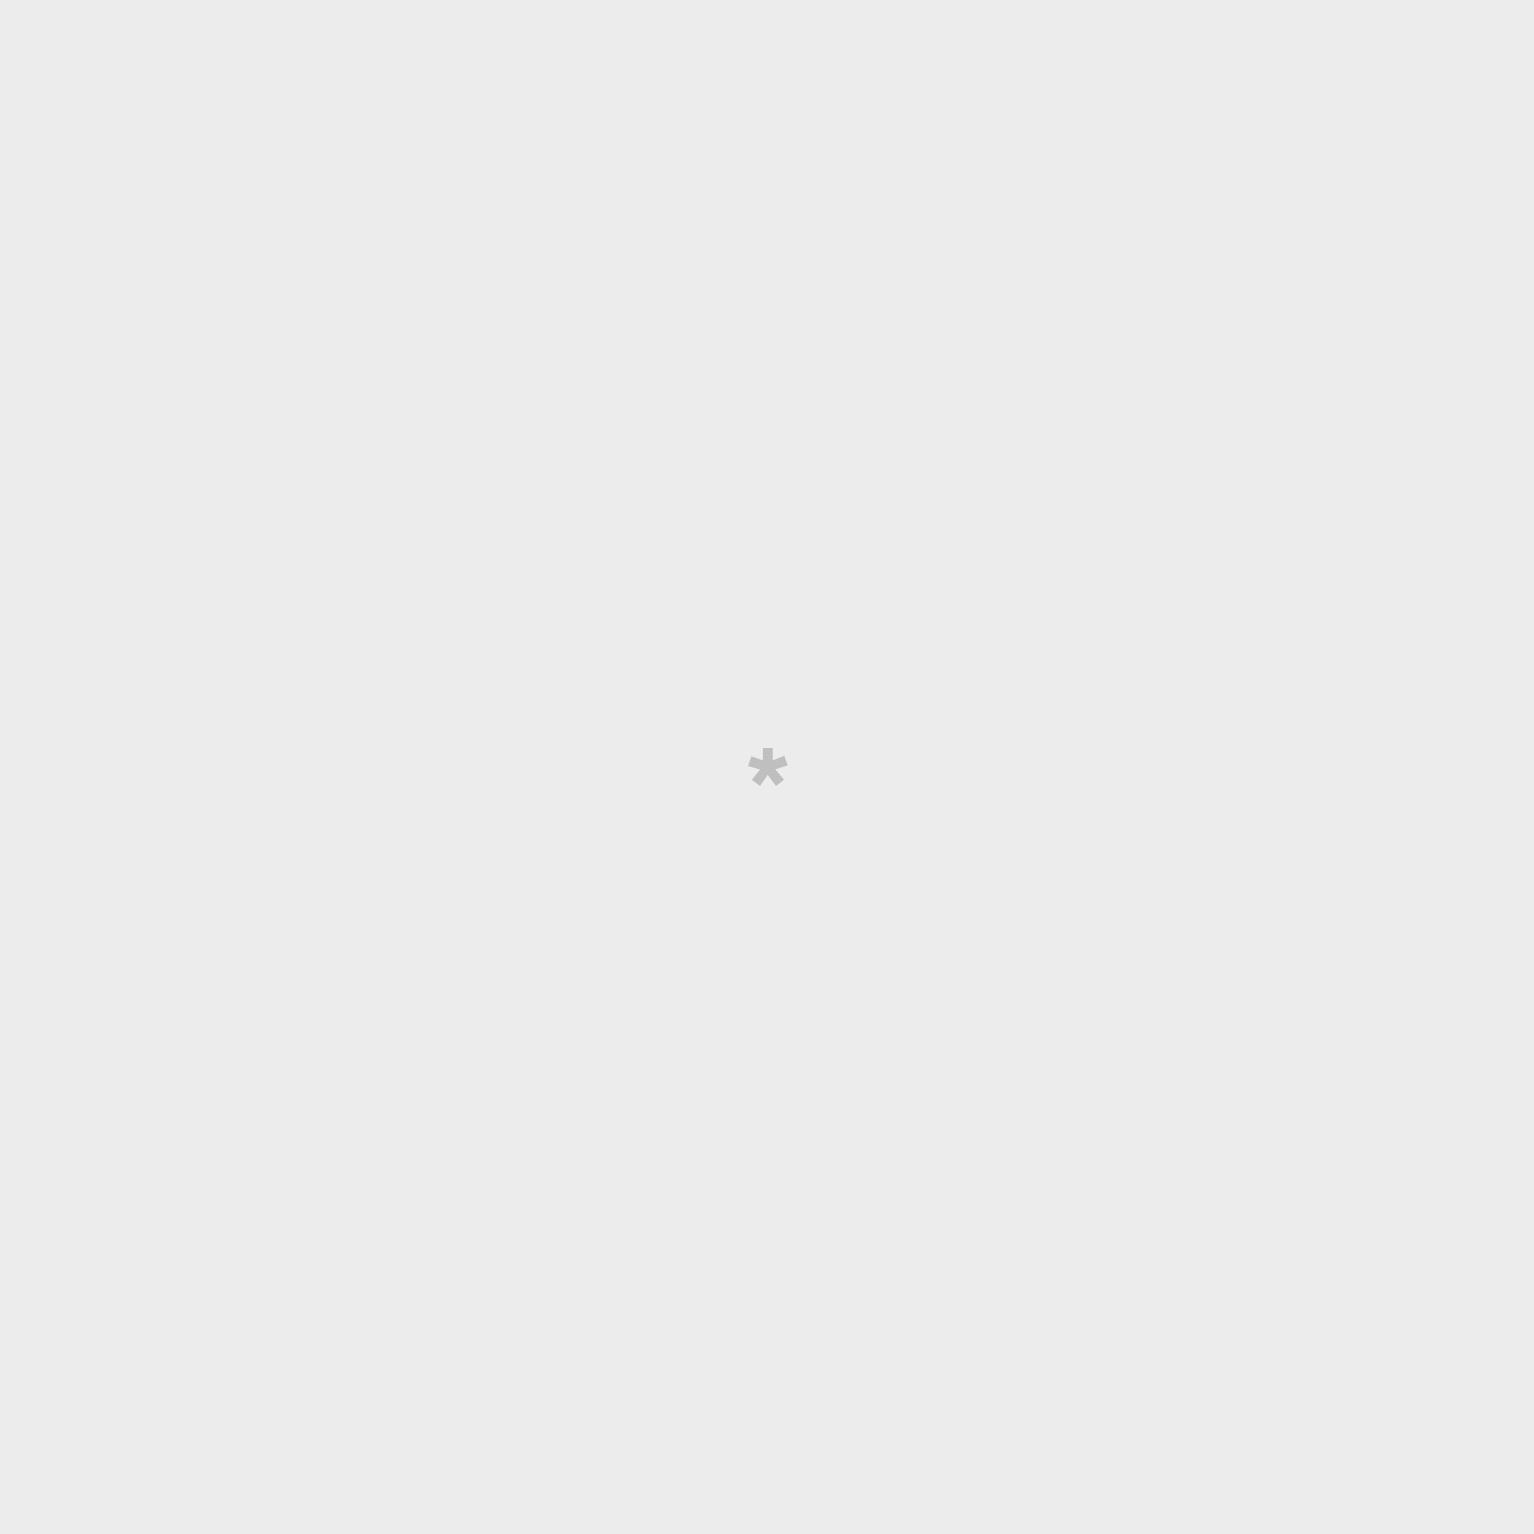 Backpack - Do something amazing today